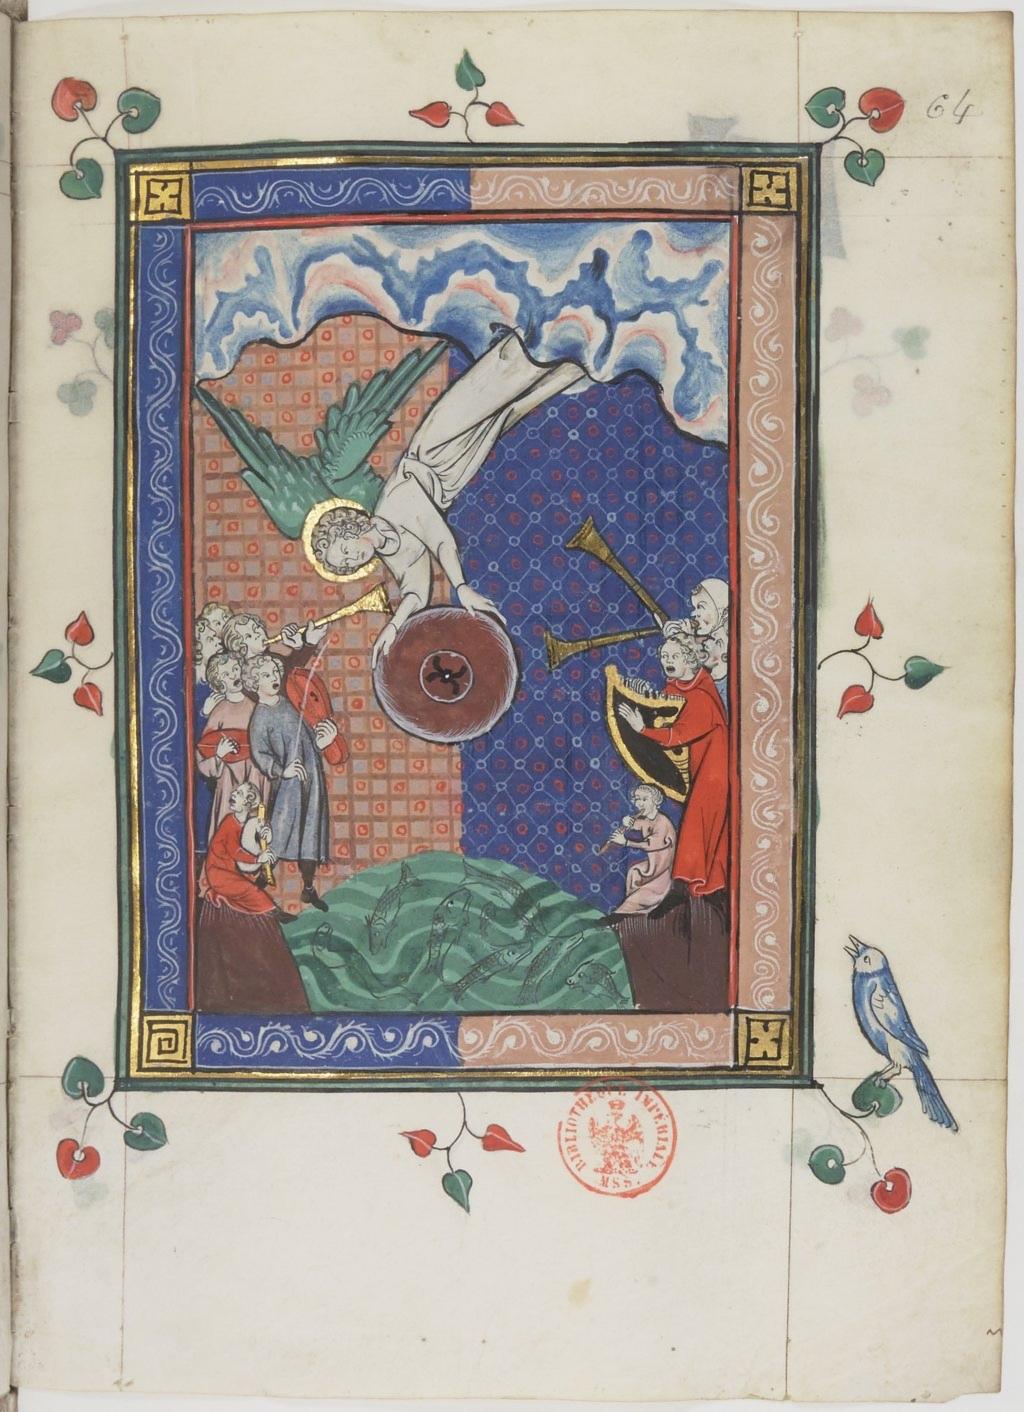 Apocalypse-13096_français-Isabelle de france-images (glissé(e)s) 2.jpg